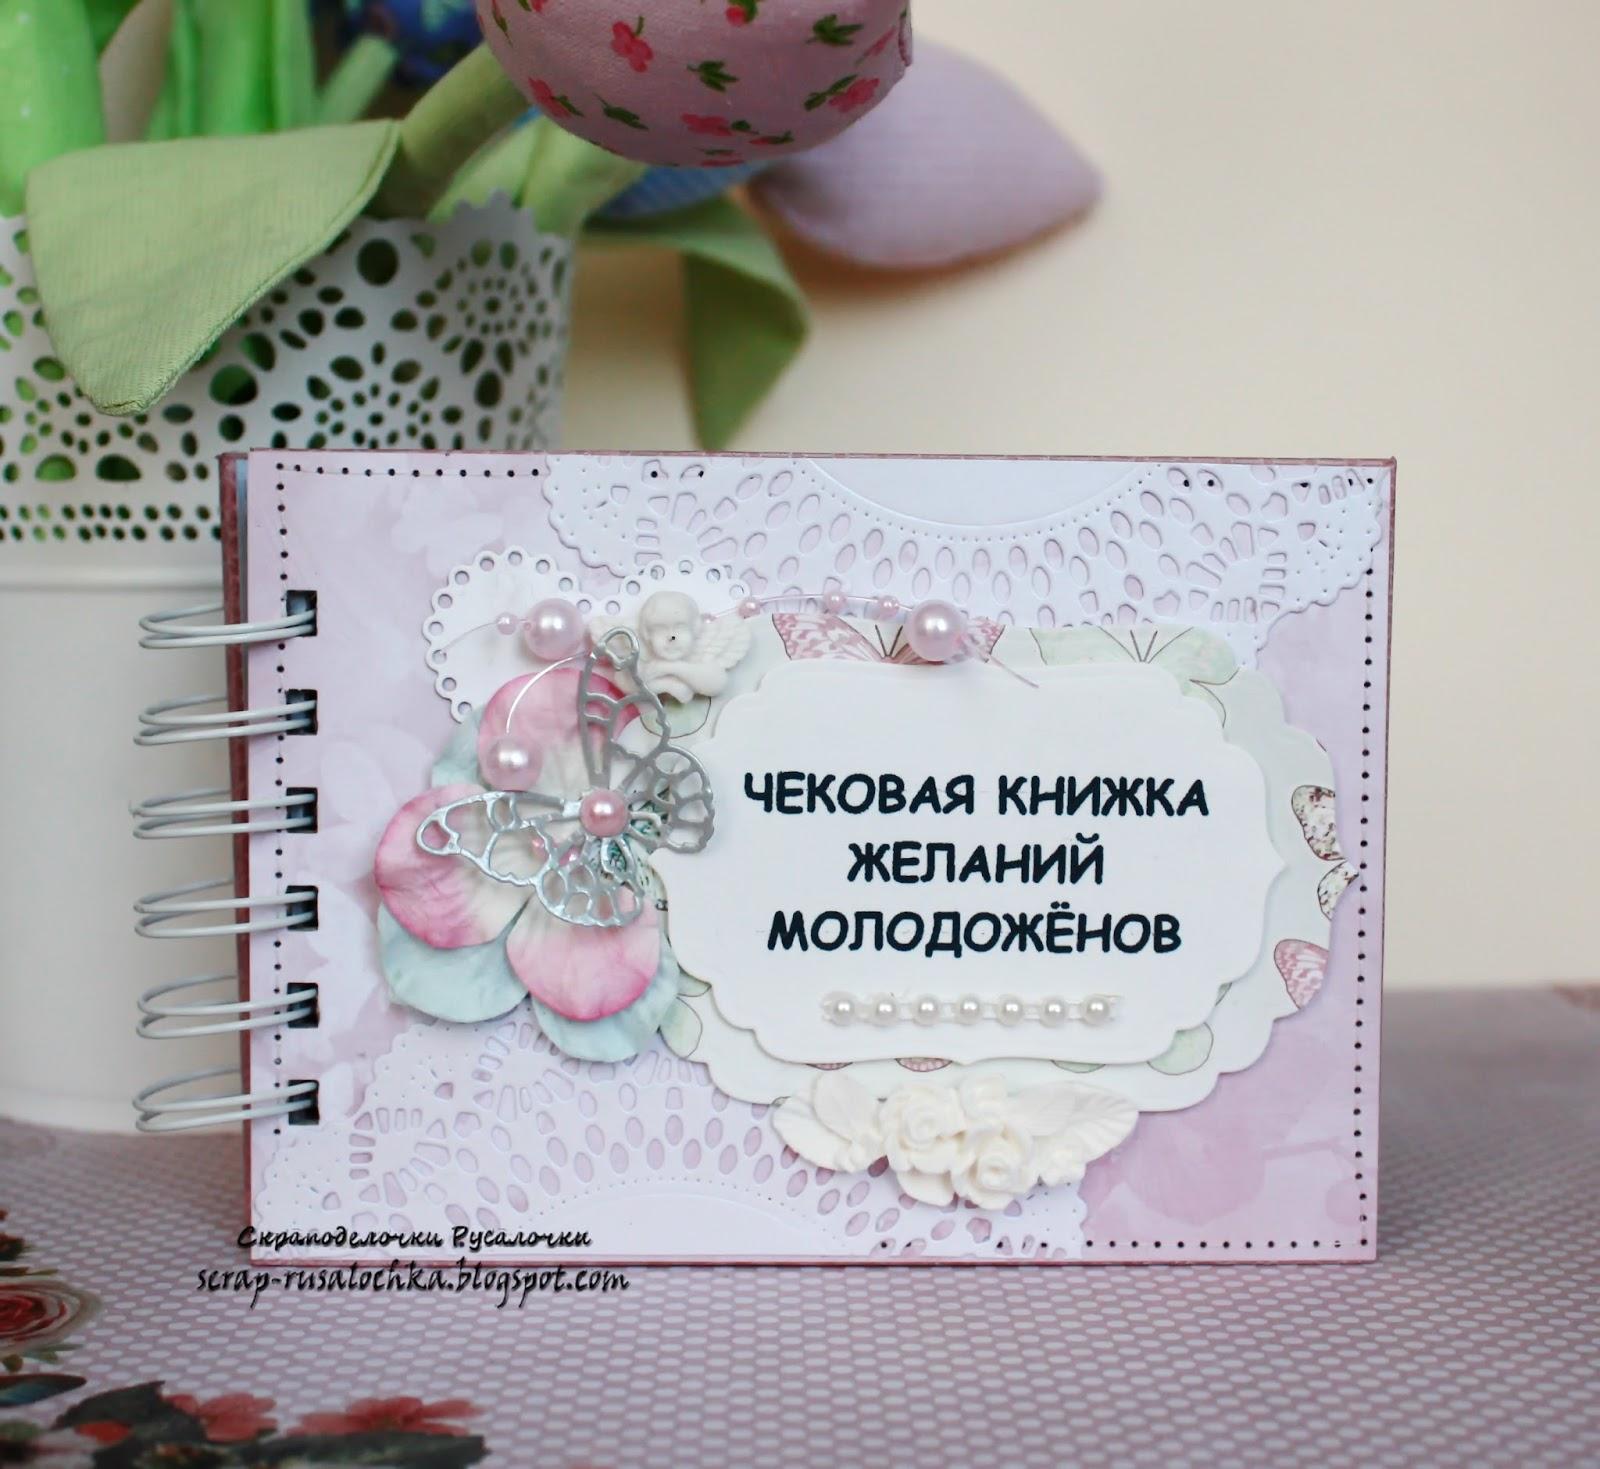 Чековая книжка на свадьбу